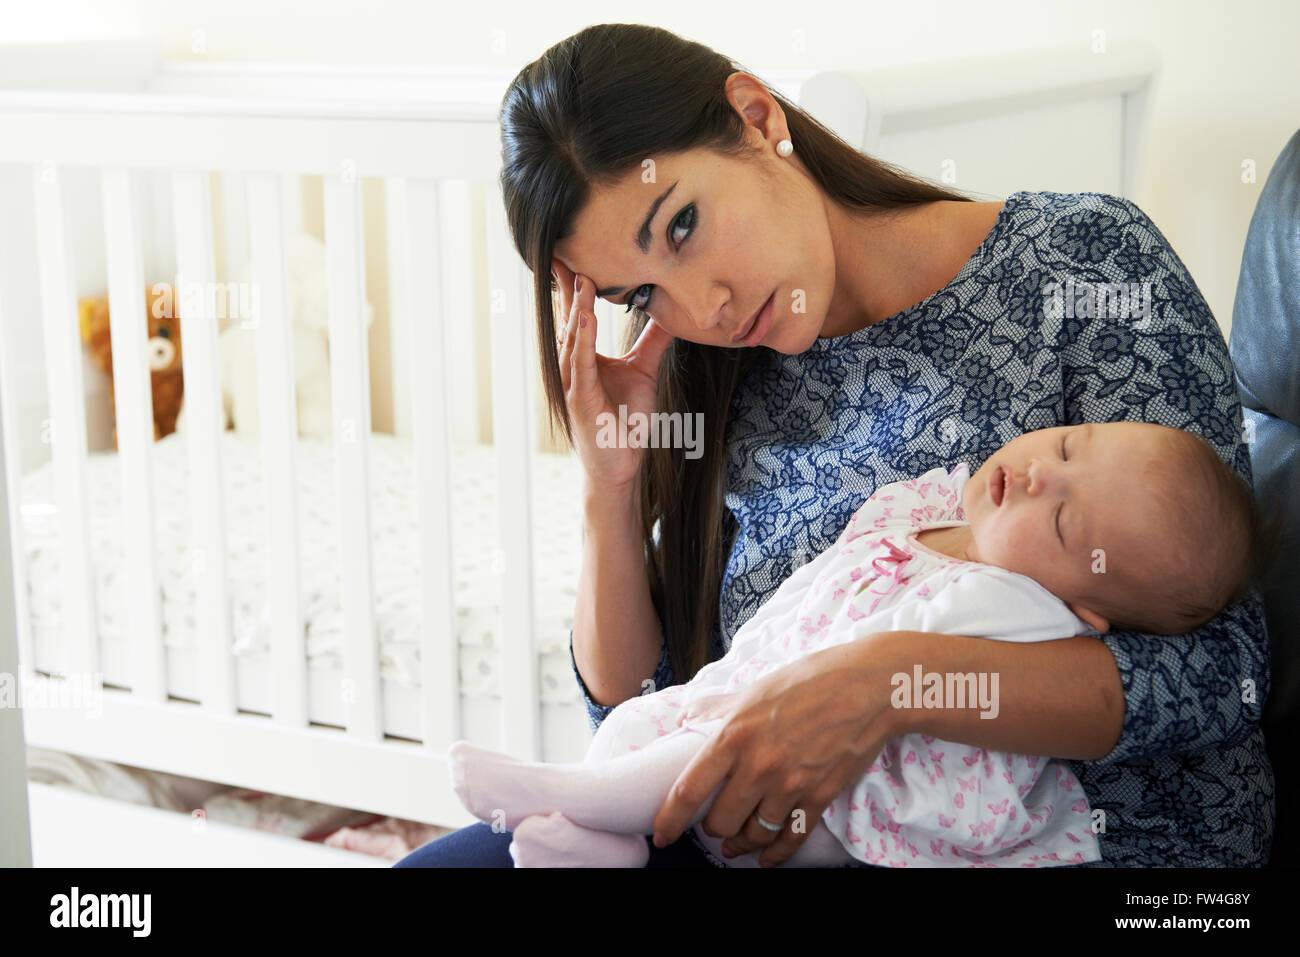 Erschöpfte Mutter Post Natal Depressionen leiden Stockbild